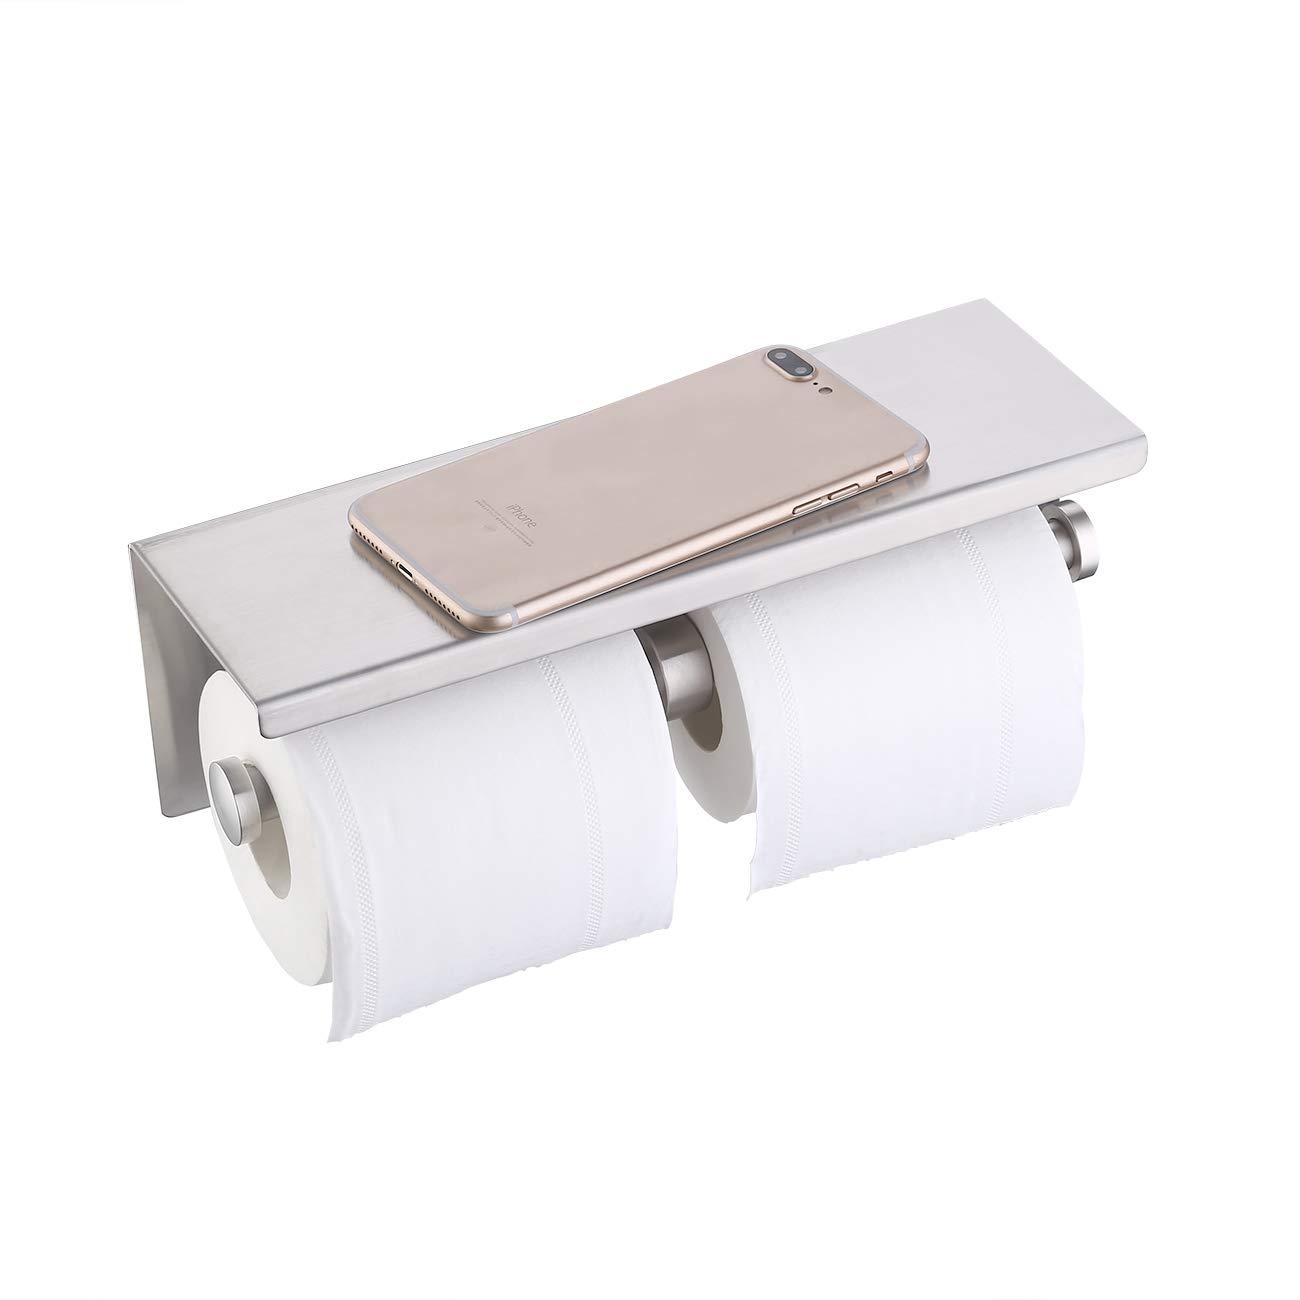 Gebürstetes Badezimmer Toilettenpapierhalter Rolle Tissue Dispenser